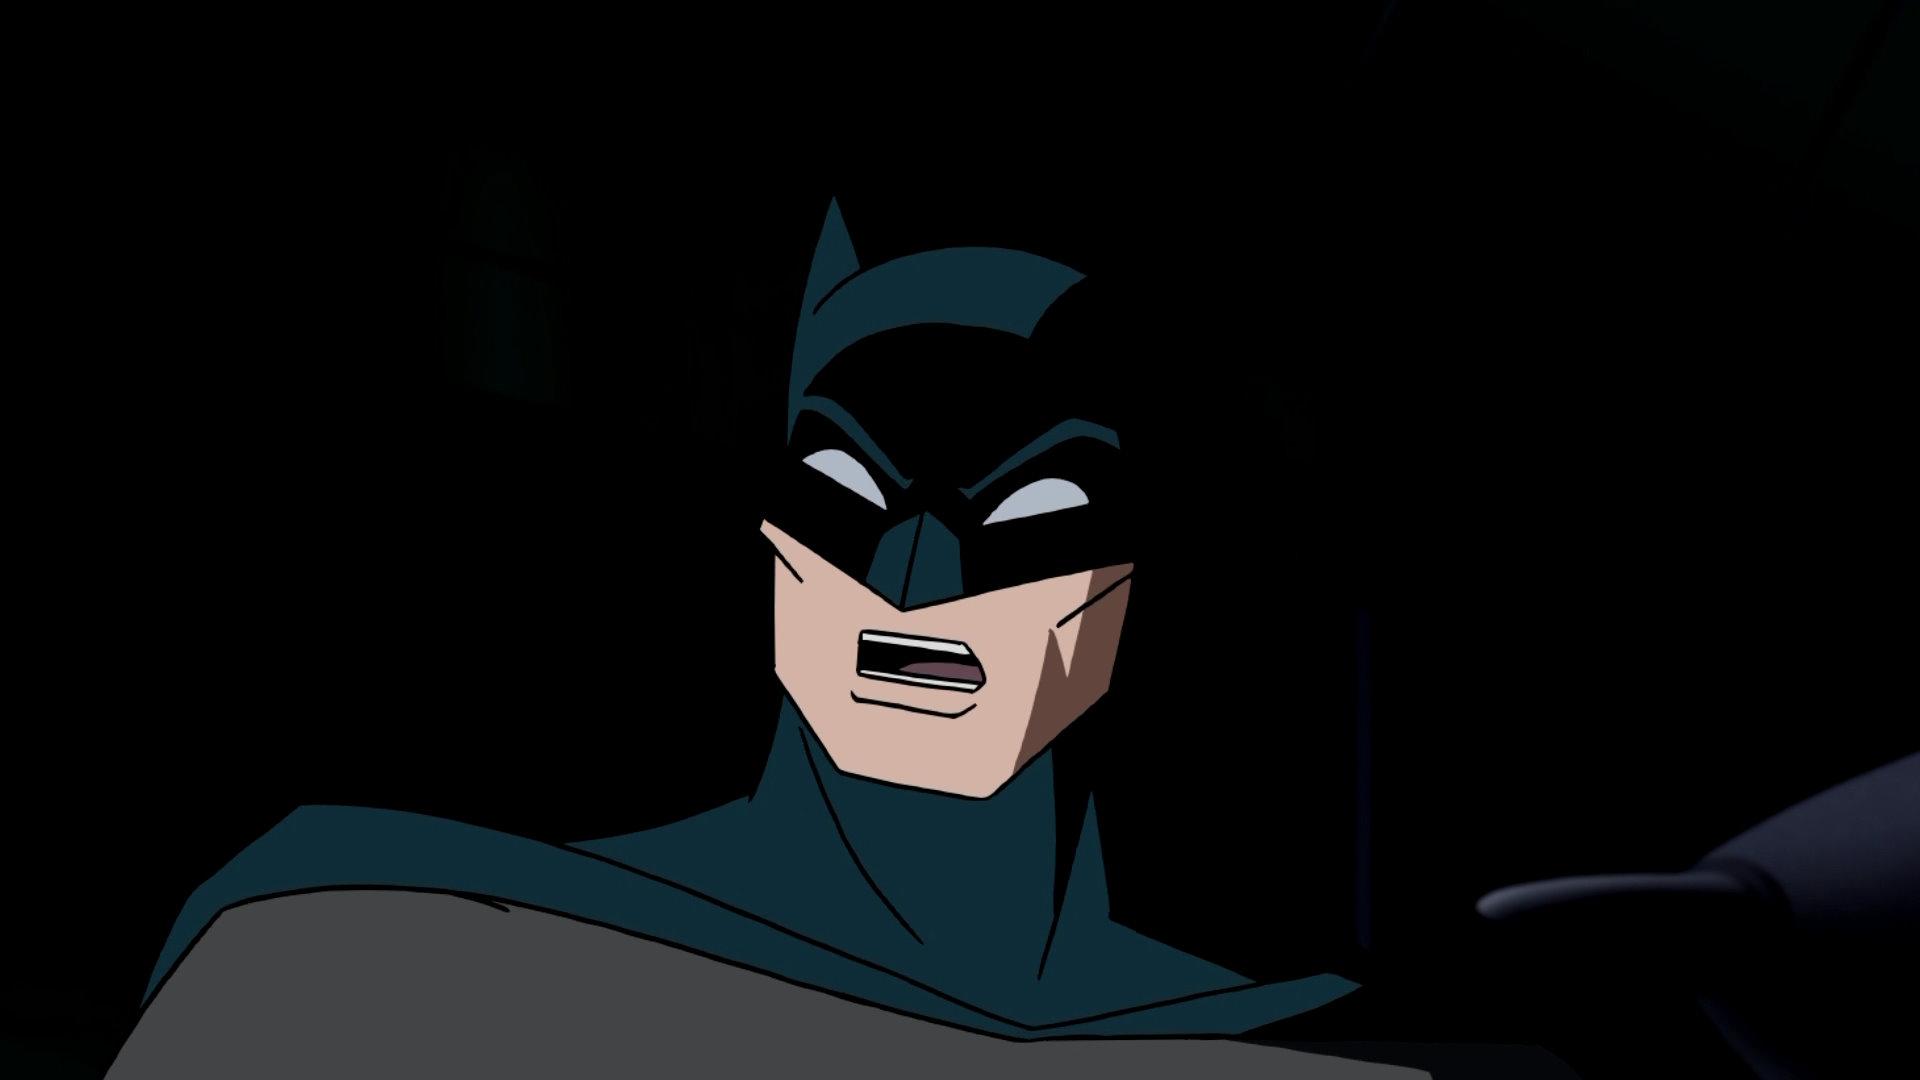 batman symbol dark knight wallpaper